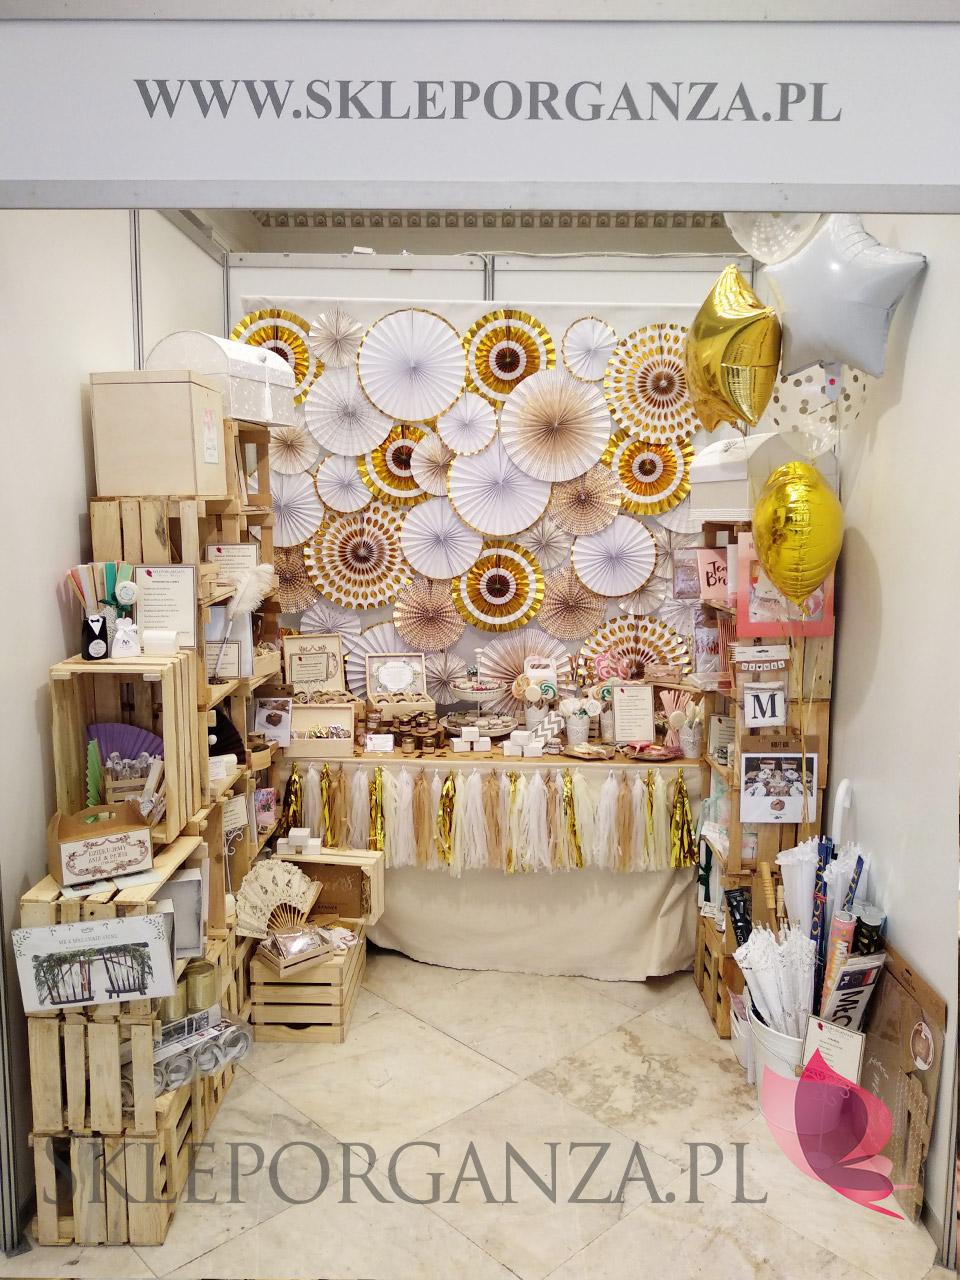 dekoracje rozetkami, papierowe rozetki do dekoracji, dekoracje papierowymi rozetkami, ścianka z papierowych rozetek, rozetki metaliczne, rozetki na wesele, rozetki do dekoracji scianki za para młodą, rozetki do sesji fotograficznych, rozetki do dekoracji słodkiego bufetu, rozetki do dekoracji sali weselnej